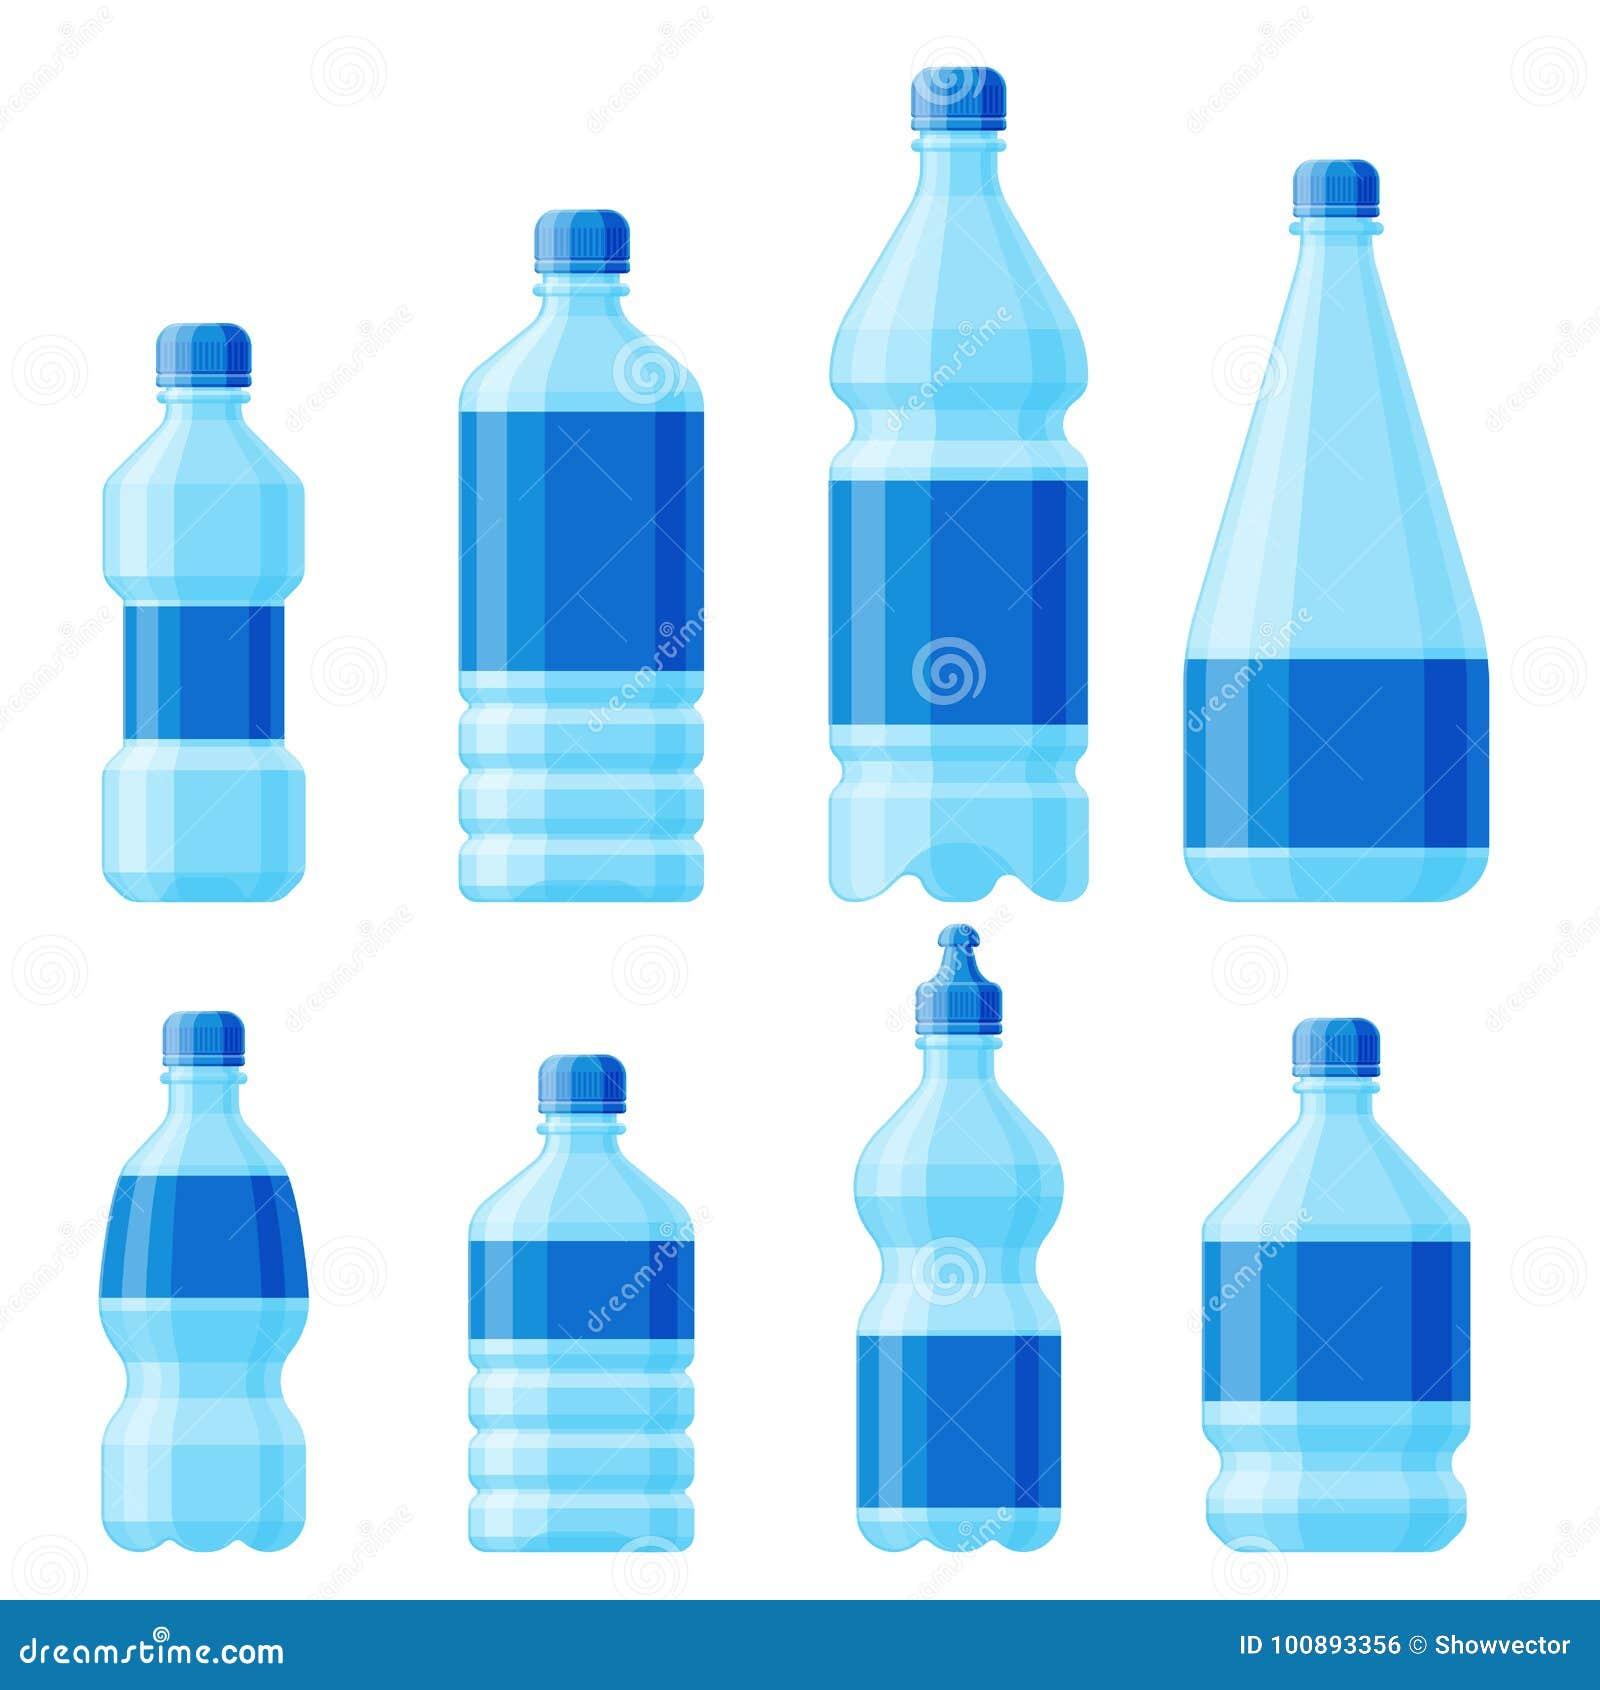 浇灌塑料瓶传染媒介透明矿物饮料空白茶点自然蓝色干净的液体水色流体模板